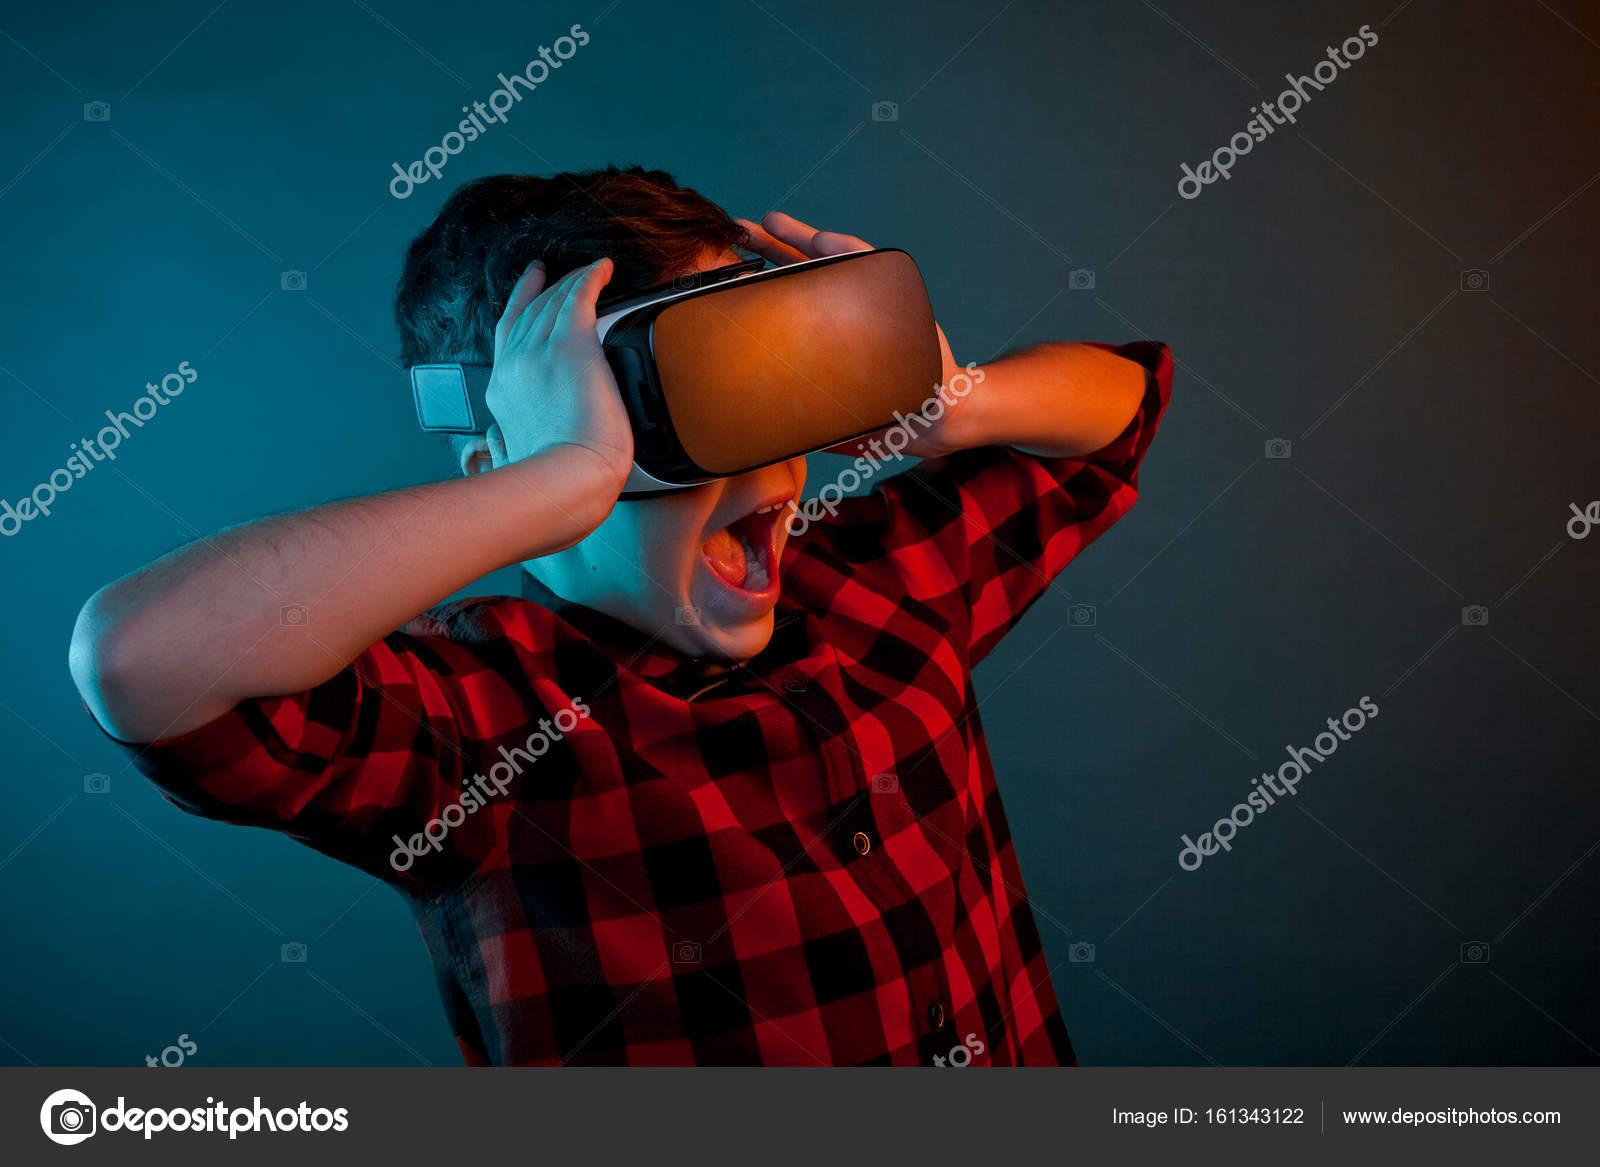 Ijedt gyerek Vr szemüveg — Stock Fotó © kegfire  161343122 77af8f8d0d